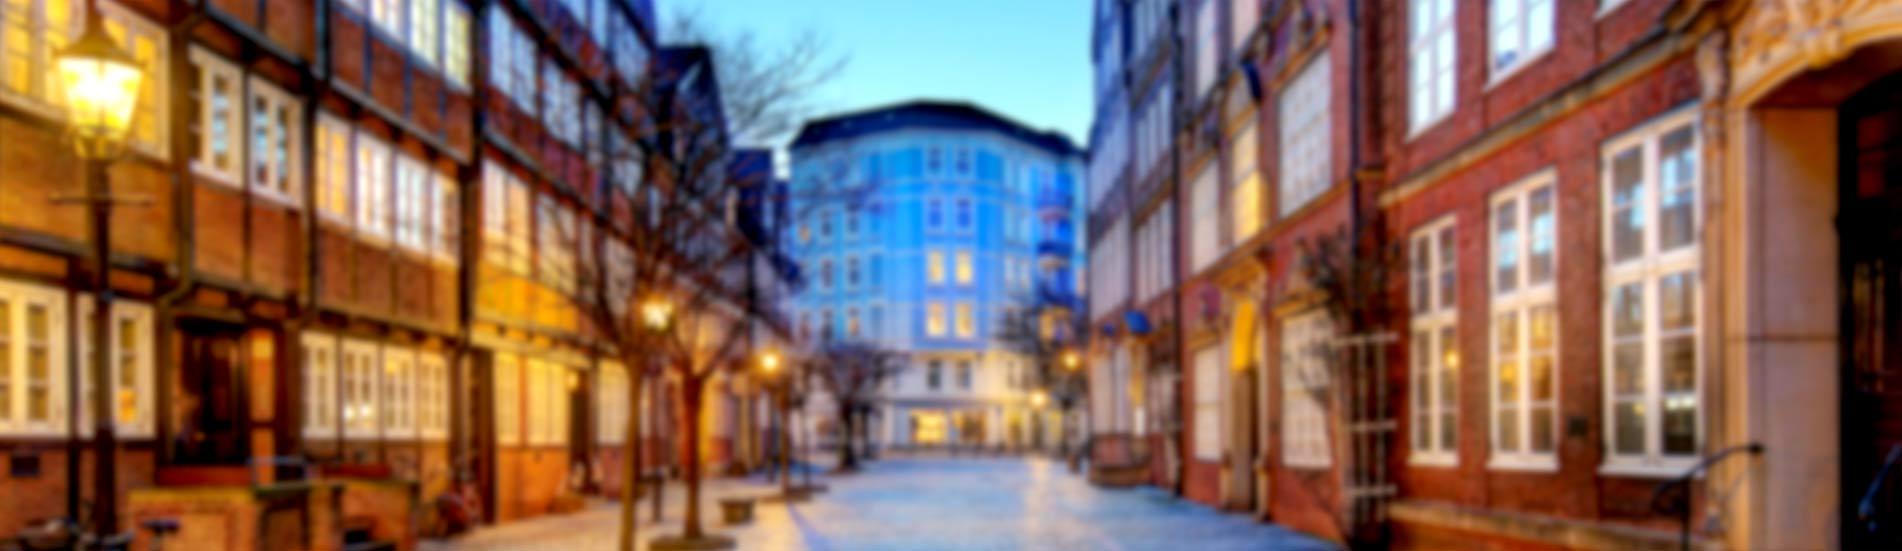 Über 180 erfolgreiche Projekte in Deutschland